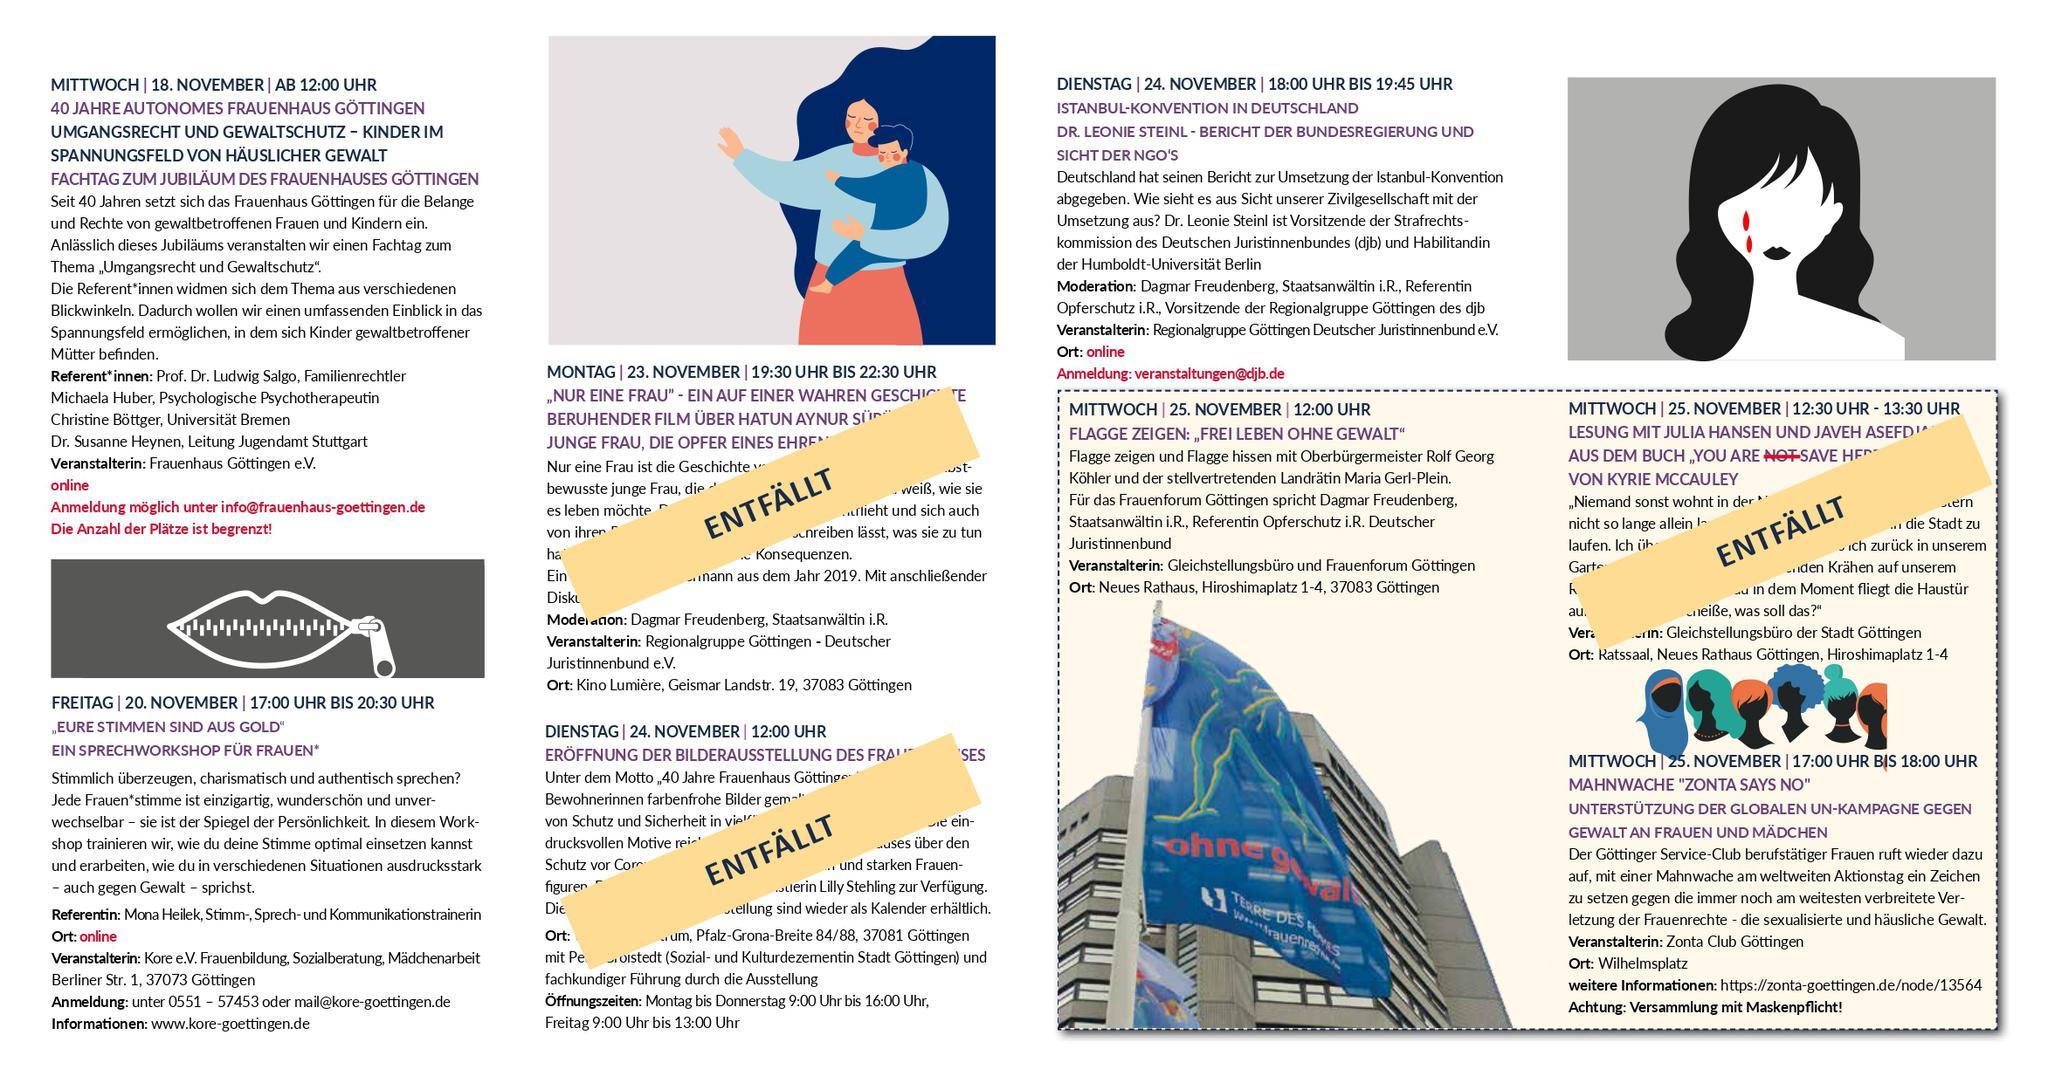 Programm-Flyer, Seite 2